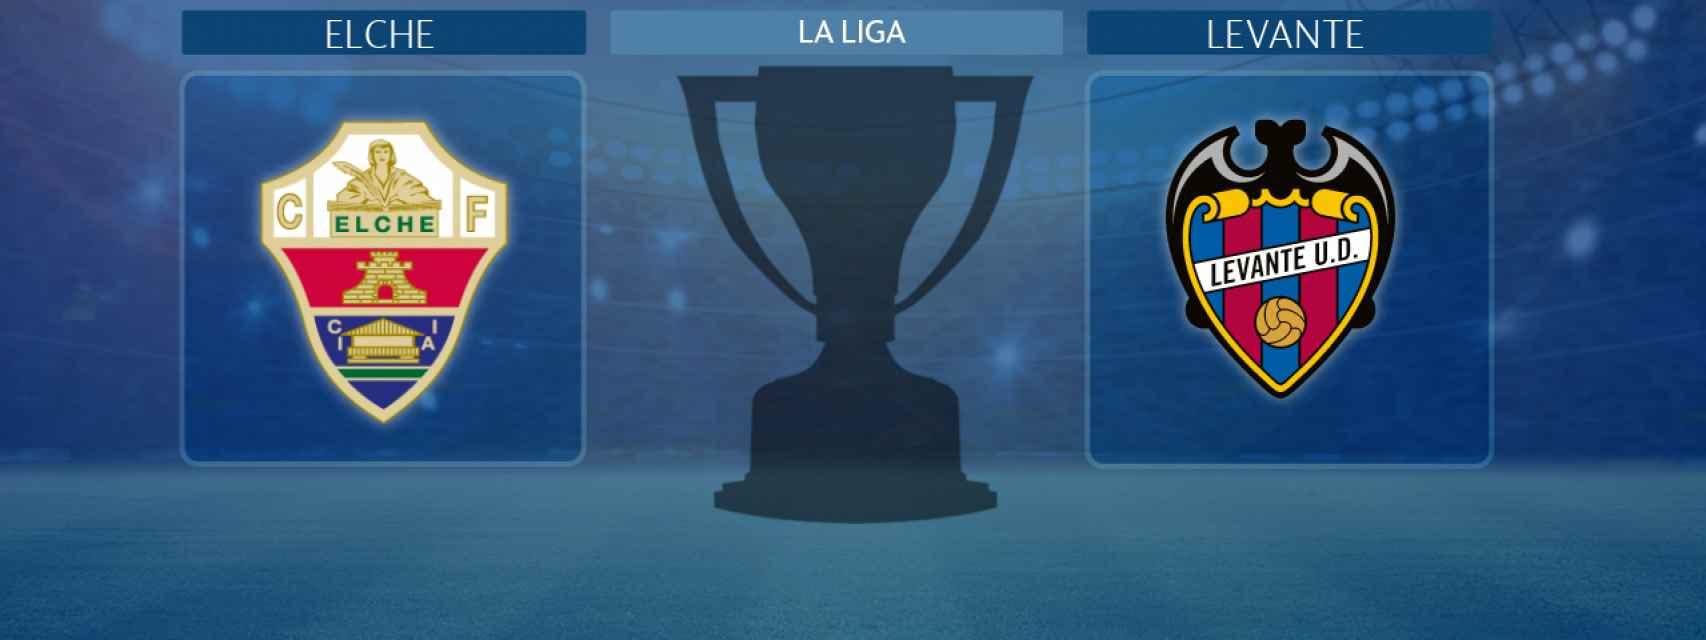 Elche - Levante, partido de La Liga